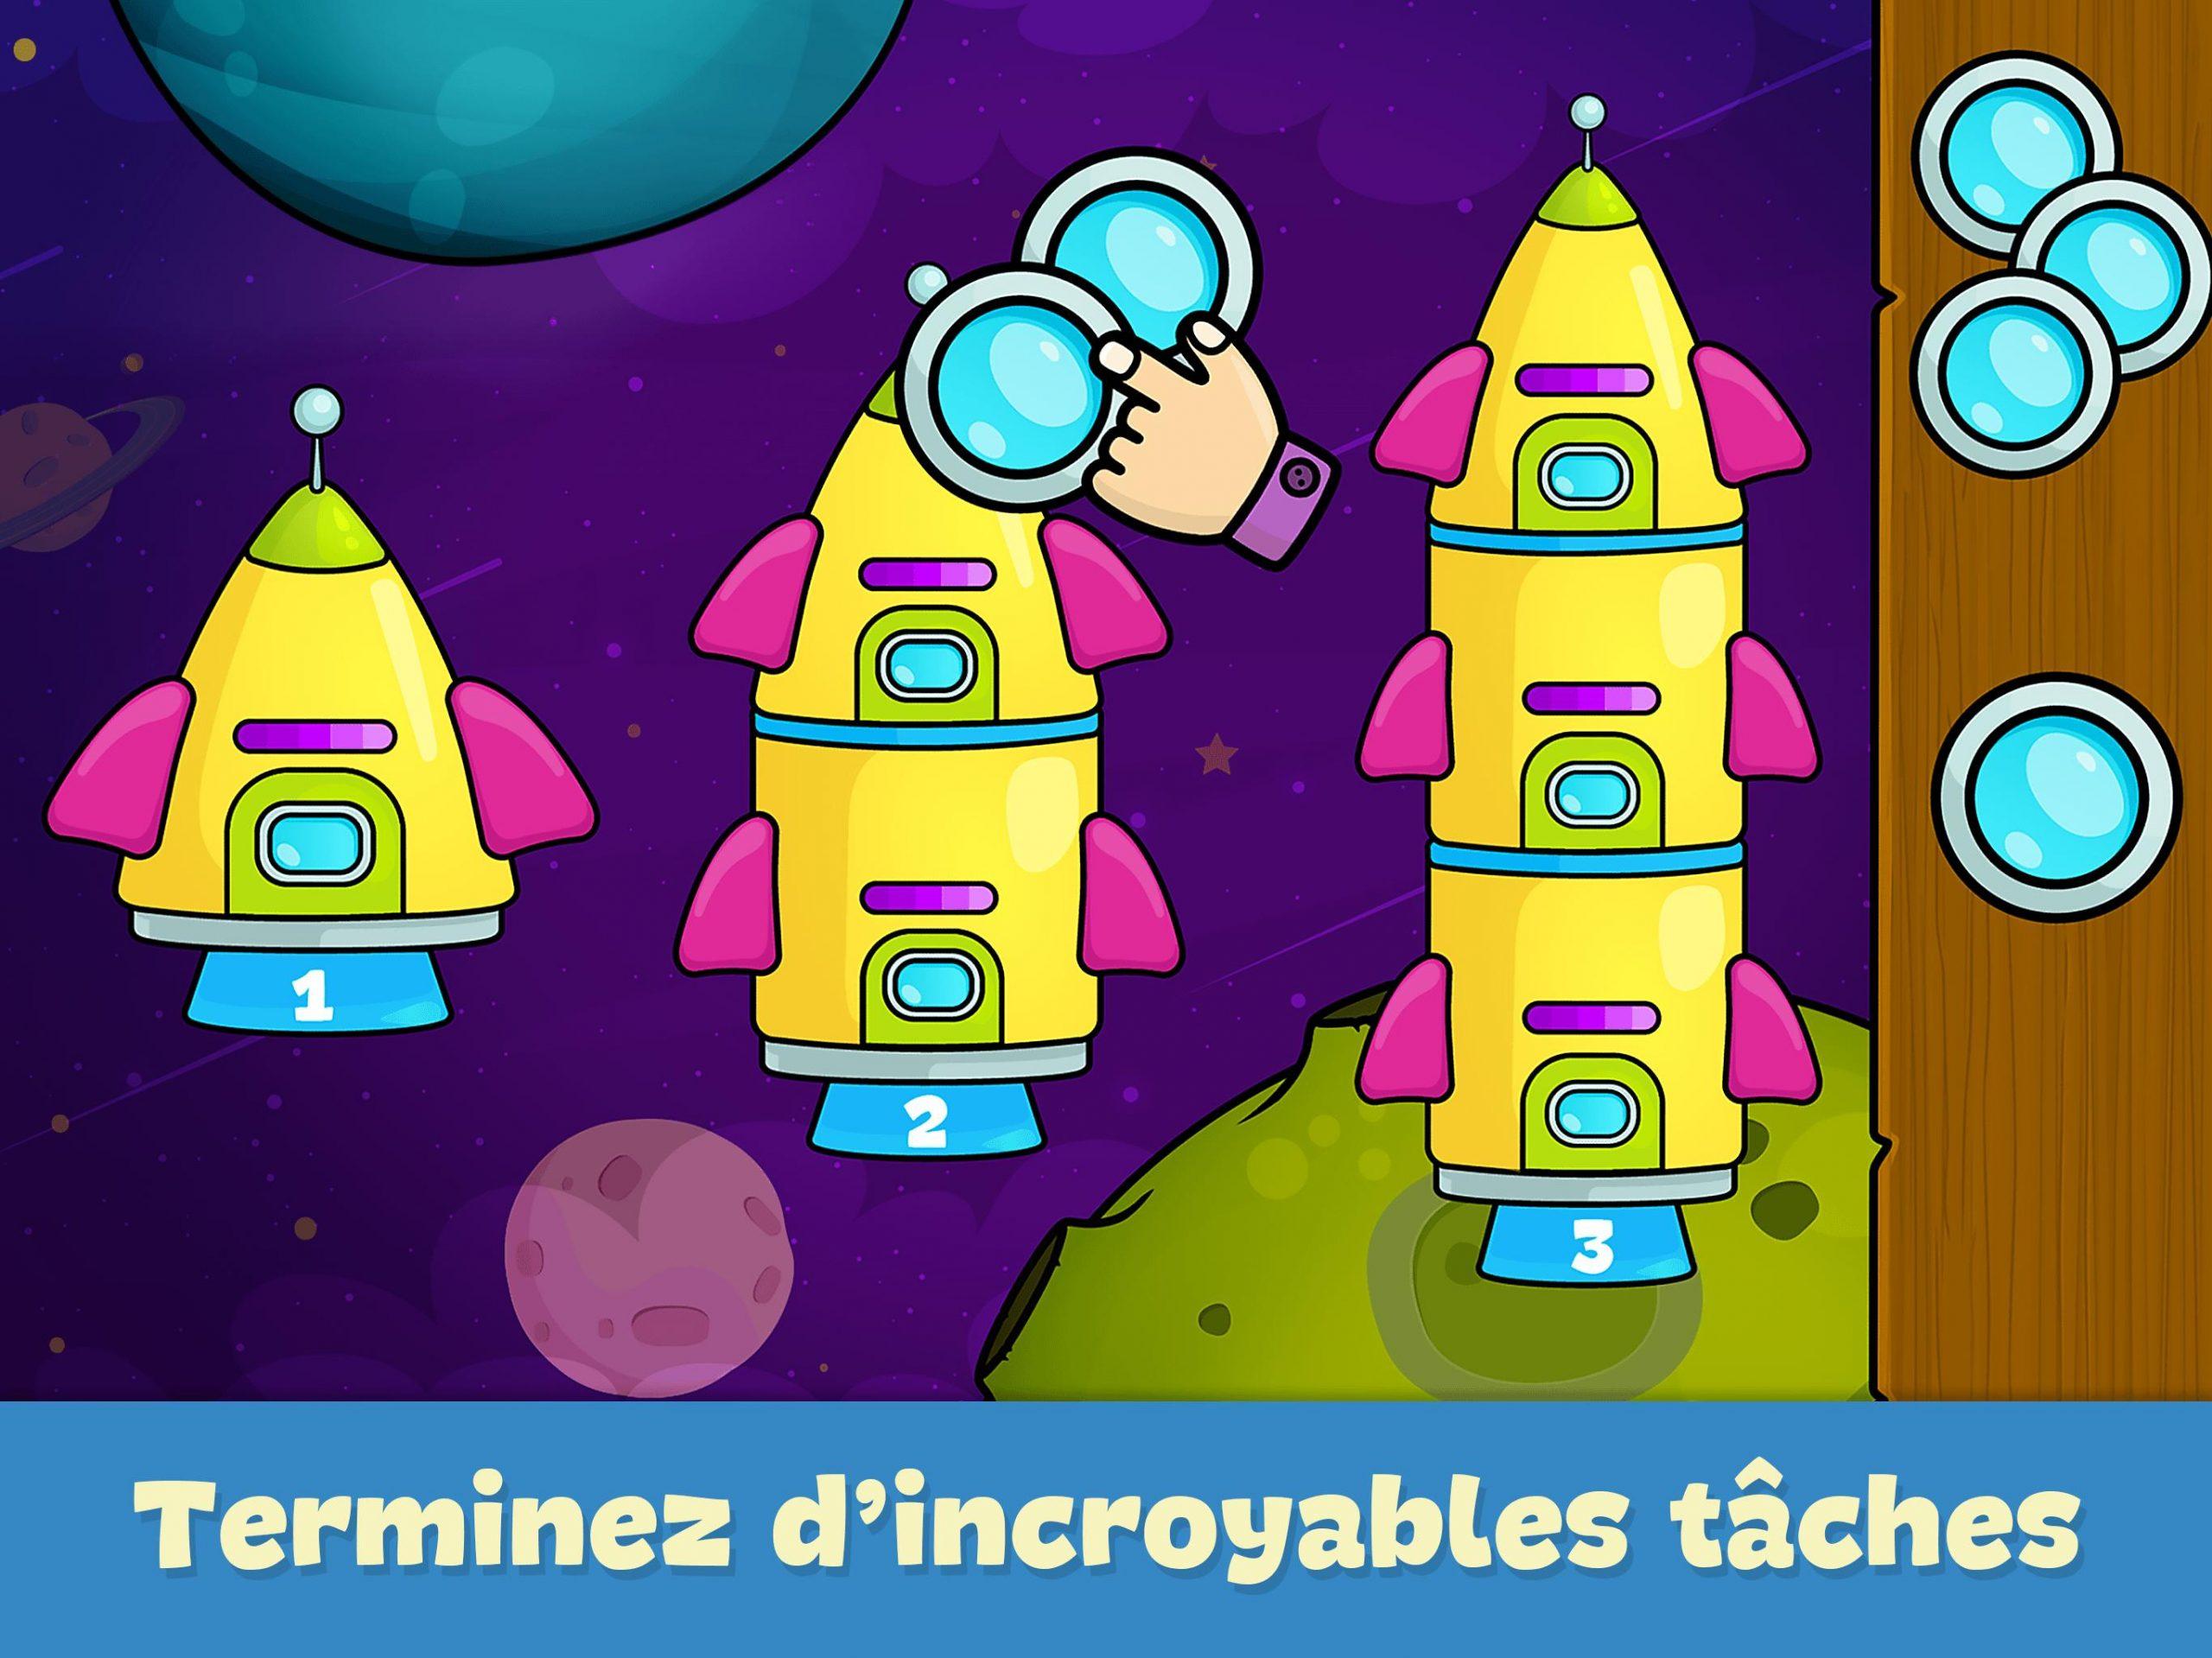 Jeux Pour Enfants 2 - 5 Ans Pour Android - Téléchargez L'apk à Jeux Fille 5 Ans Gratuit